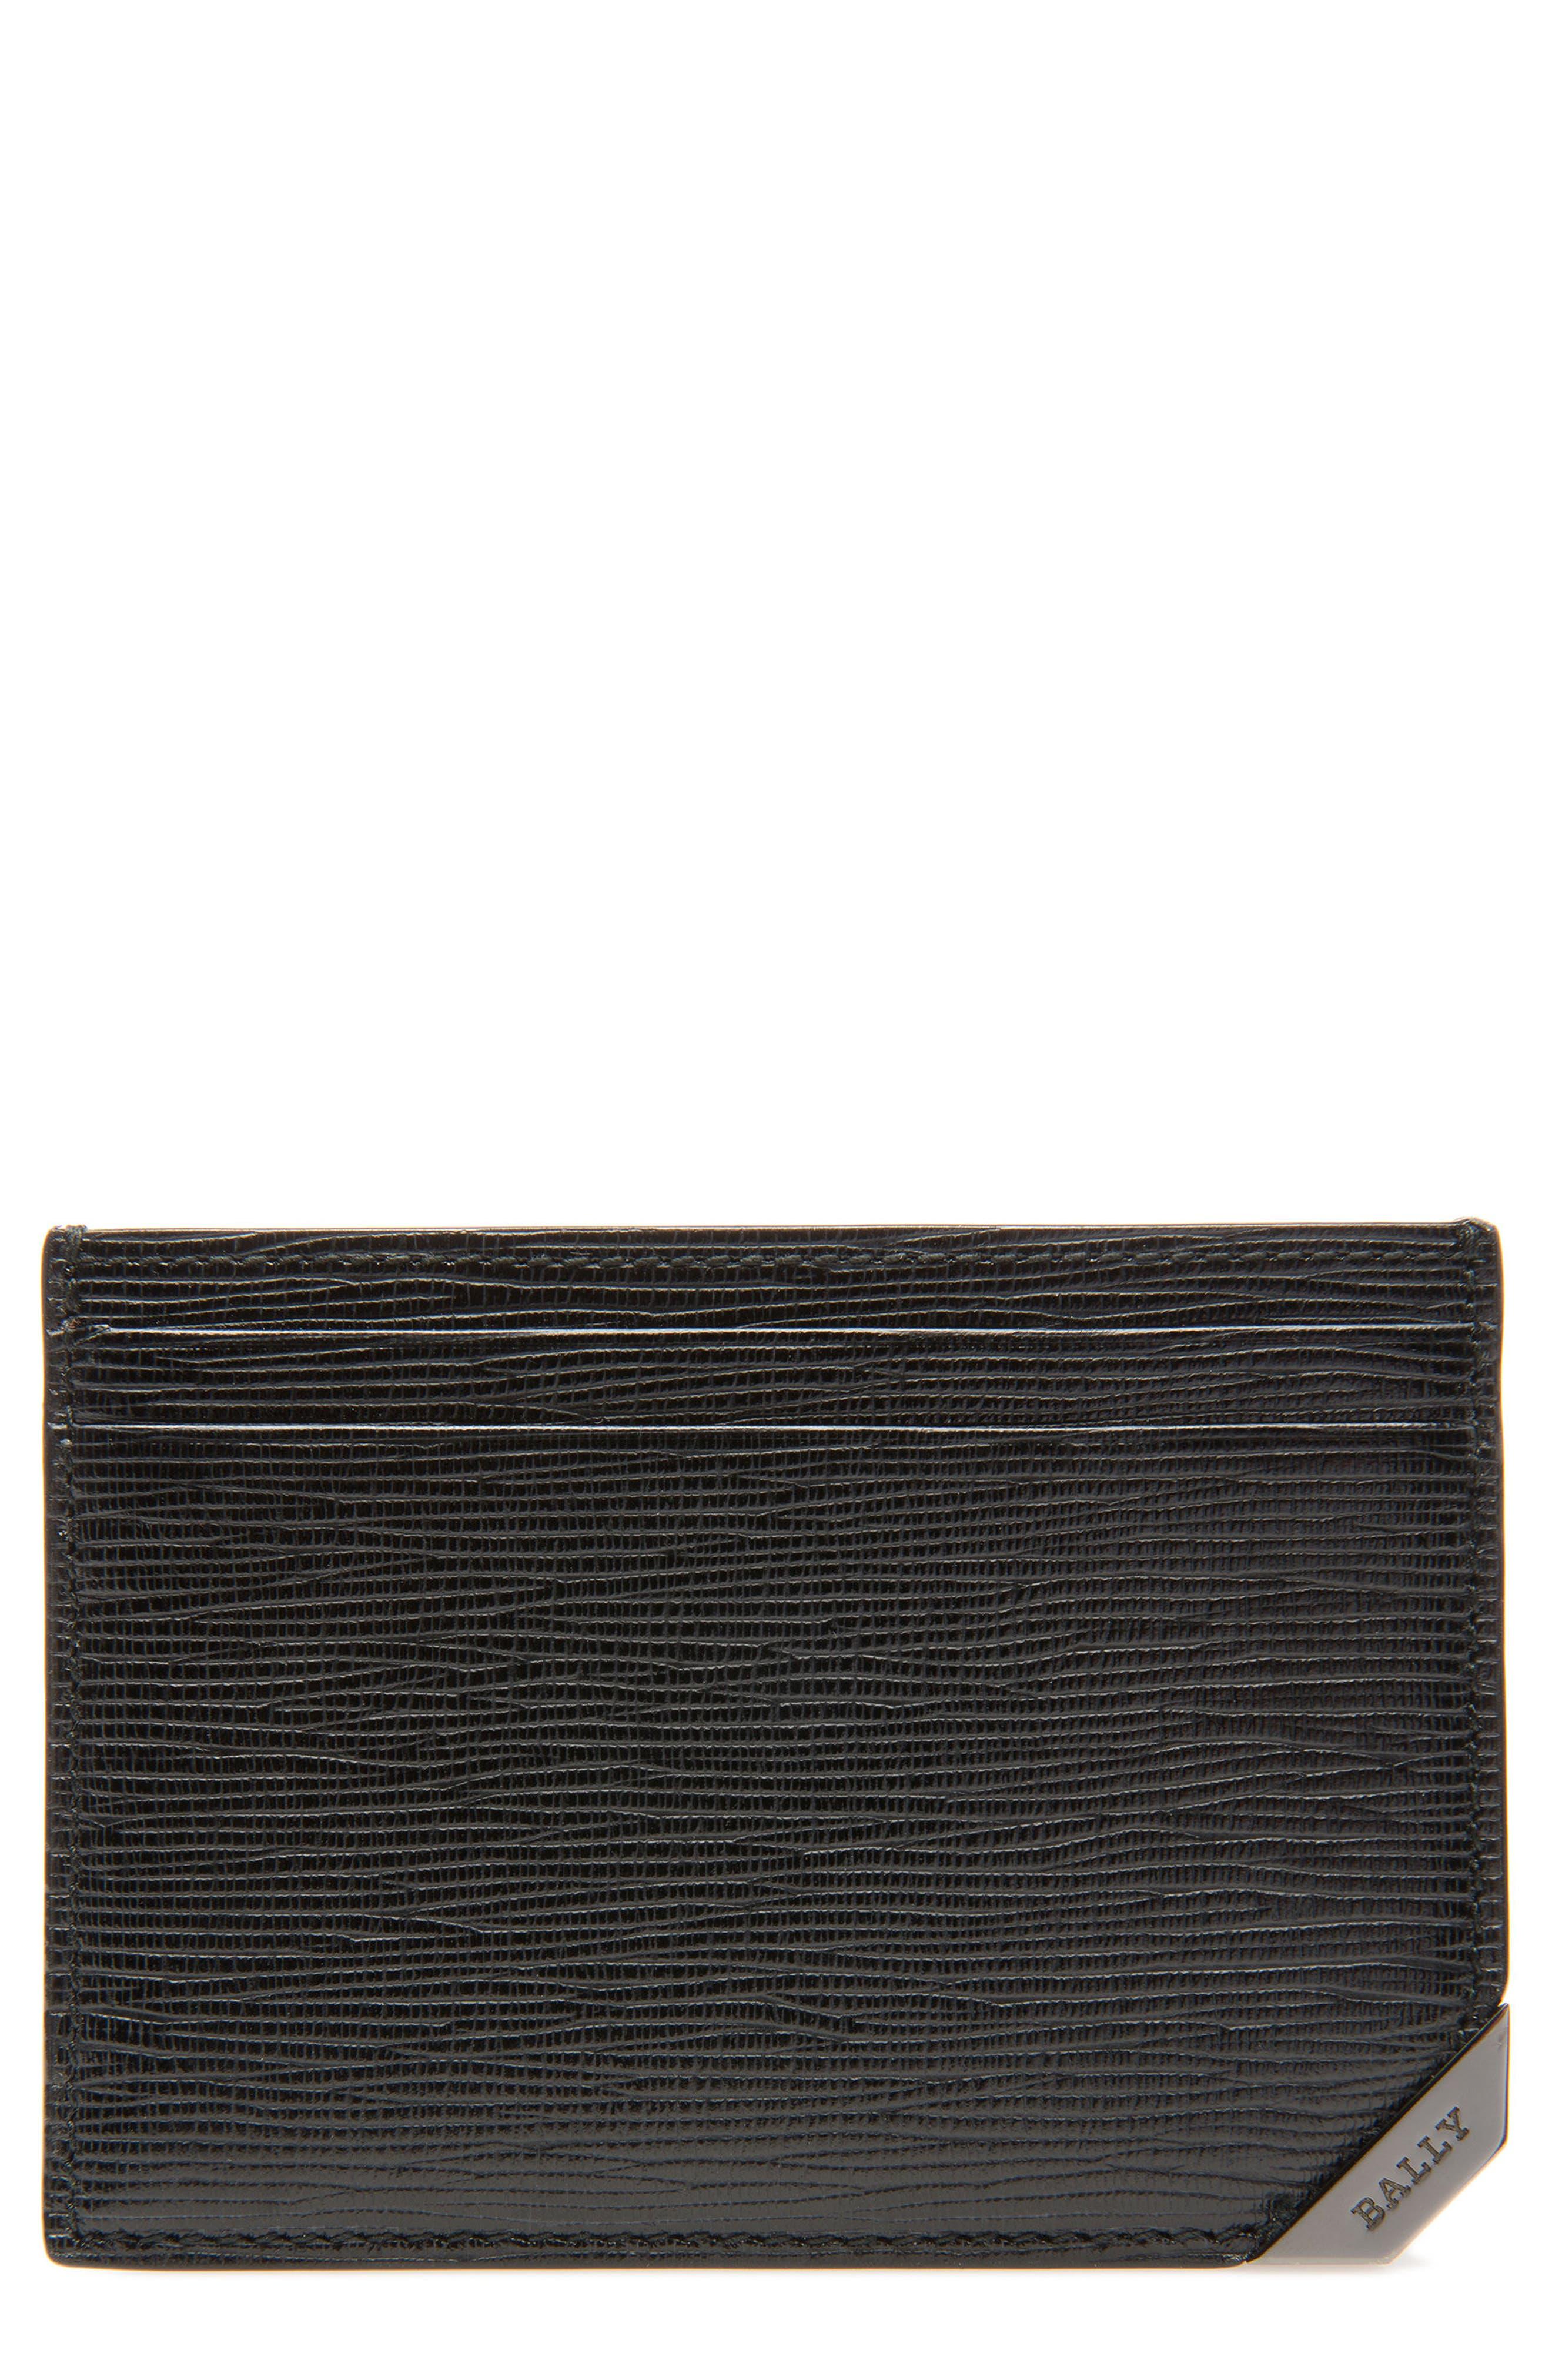 Bhar Leather Card Holder,                             Main thumbnail 1, color,